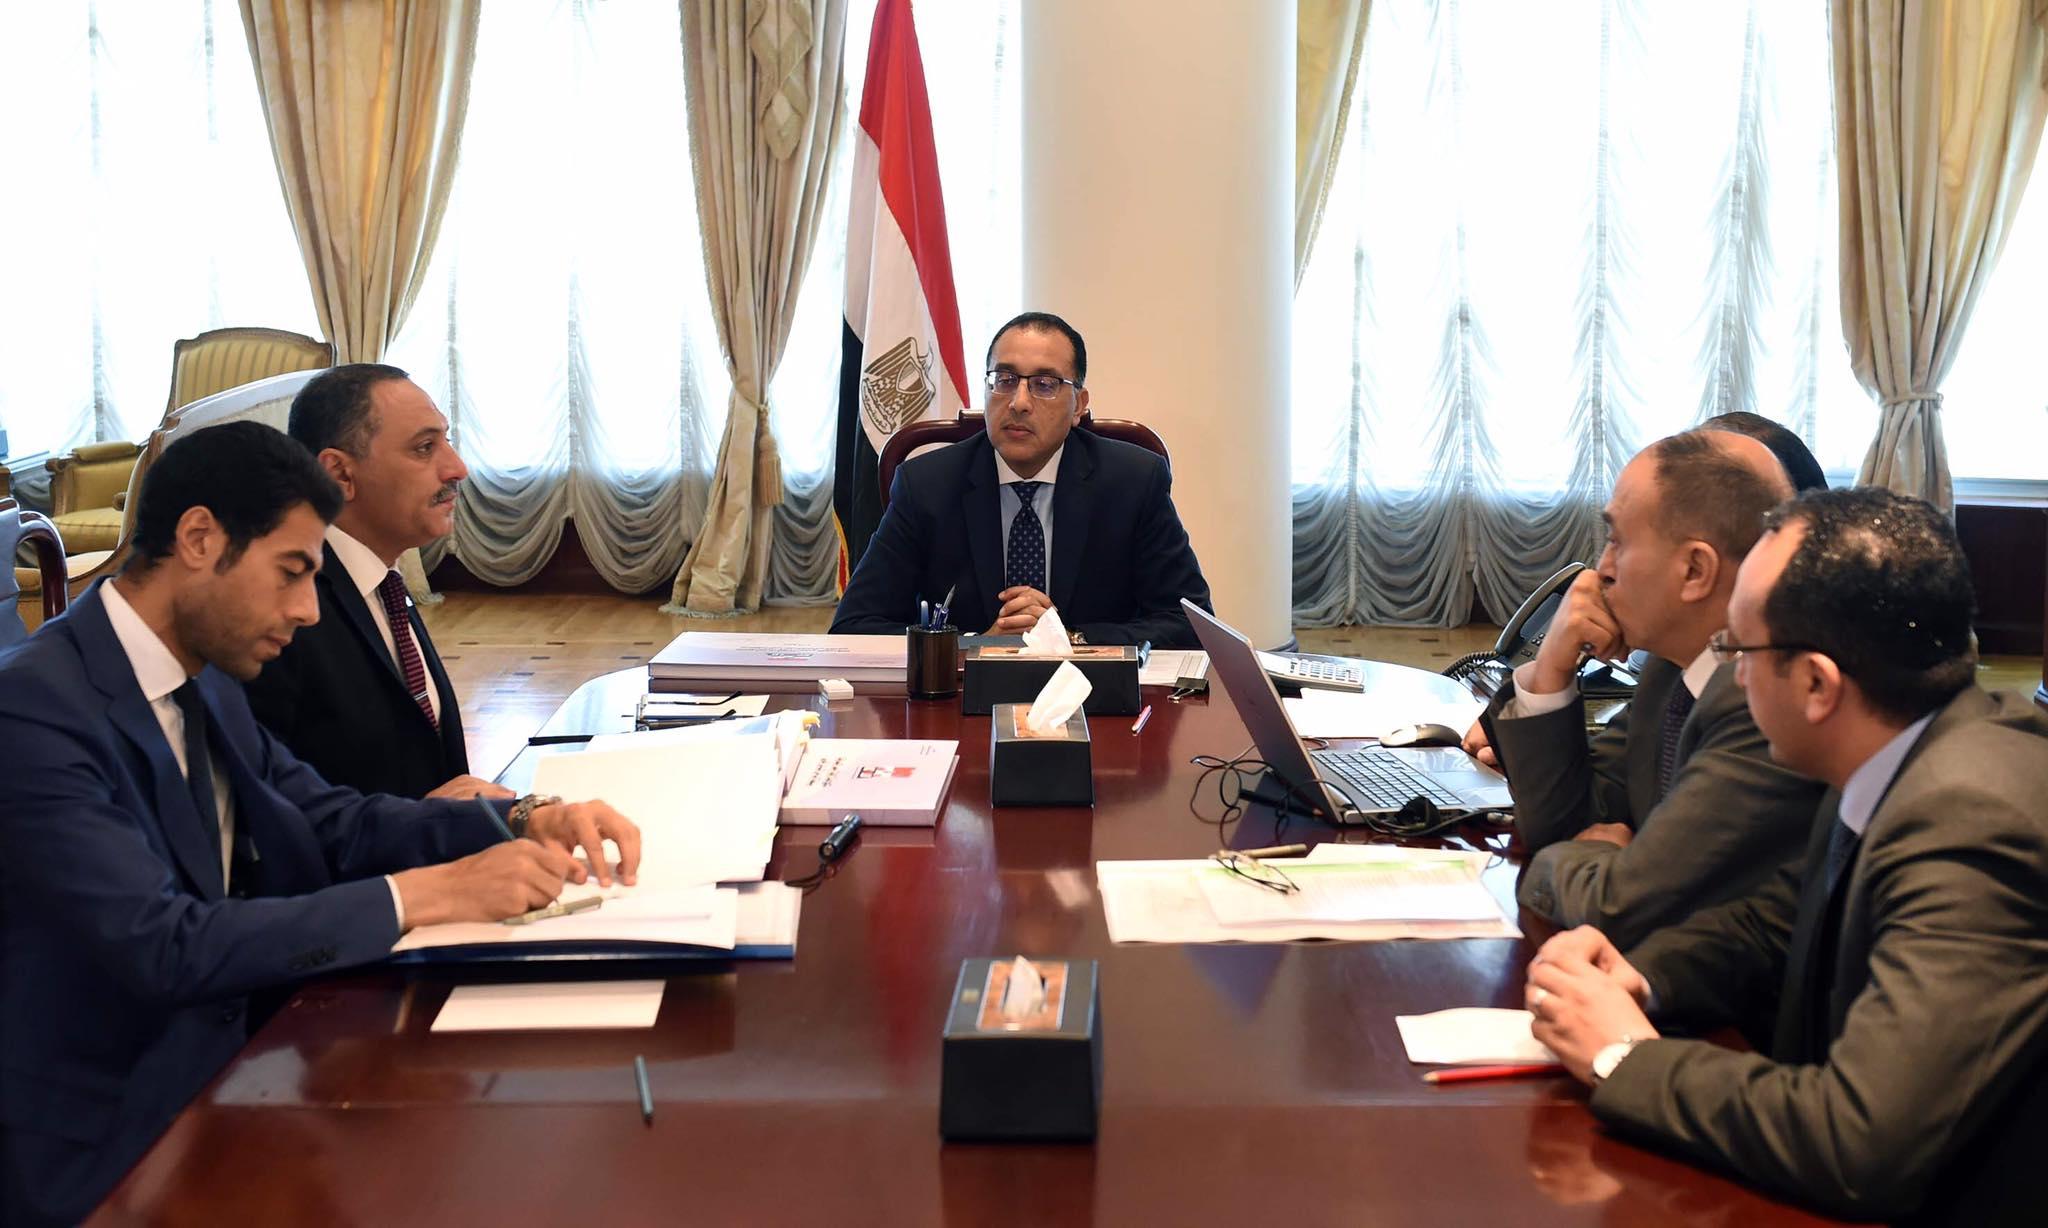 صور | رئيس الوزراء يتابع نتائج أعمال لجنة حصر التصرفات بمنطقة الساحل الشمالي الغربي